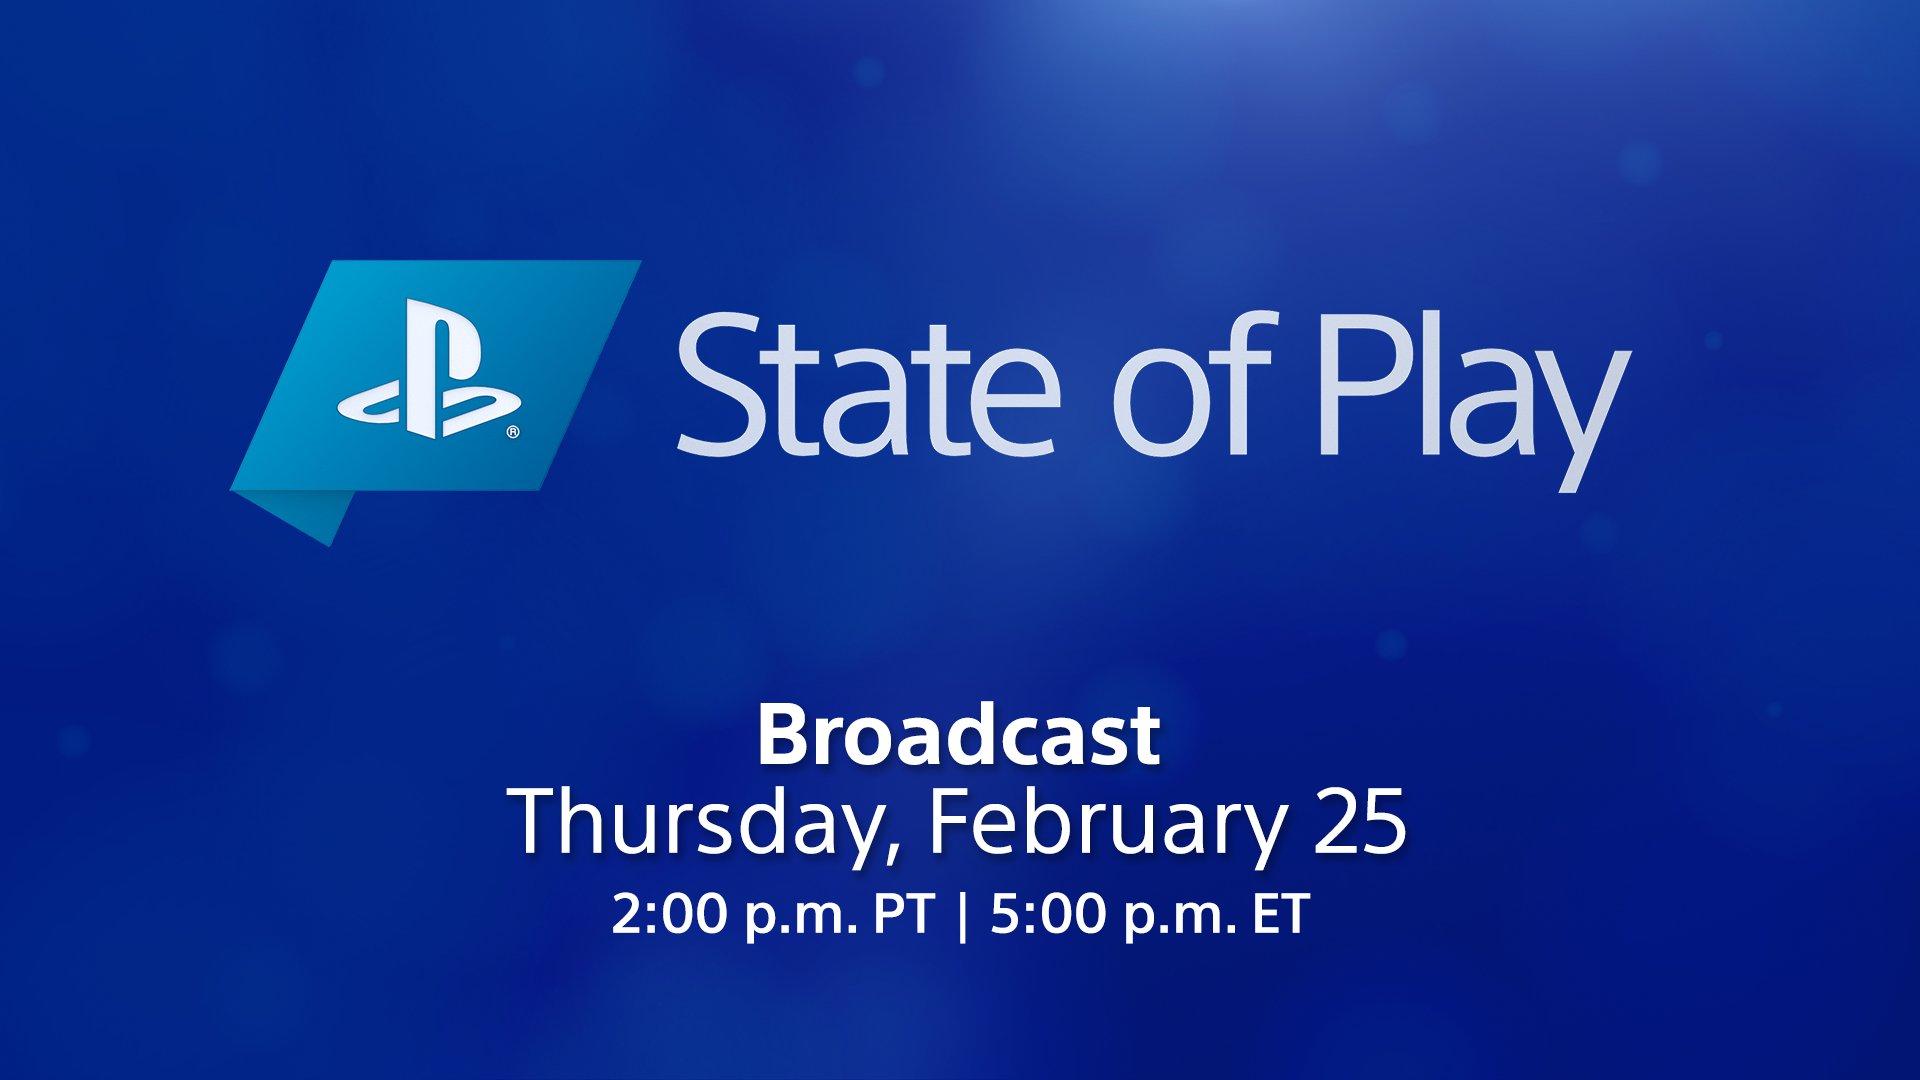 سوني فقرة State of Play فبراير PS4 PS5